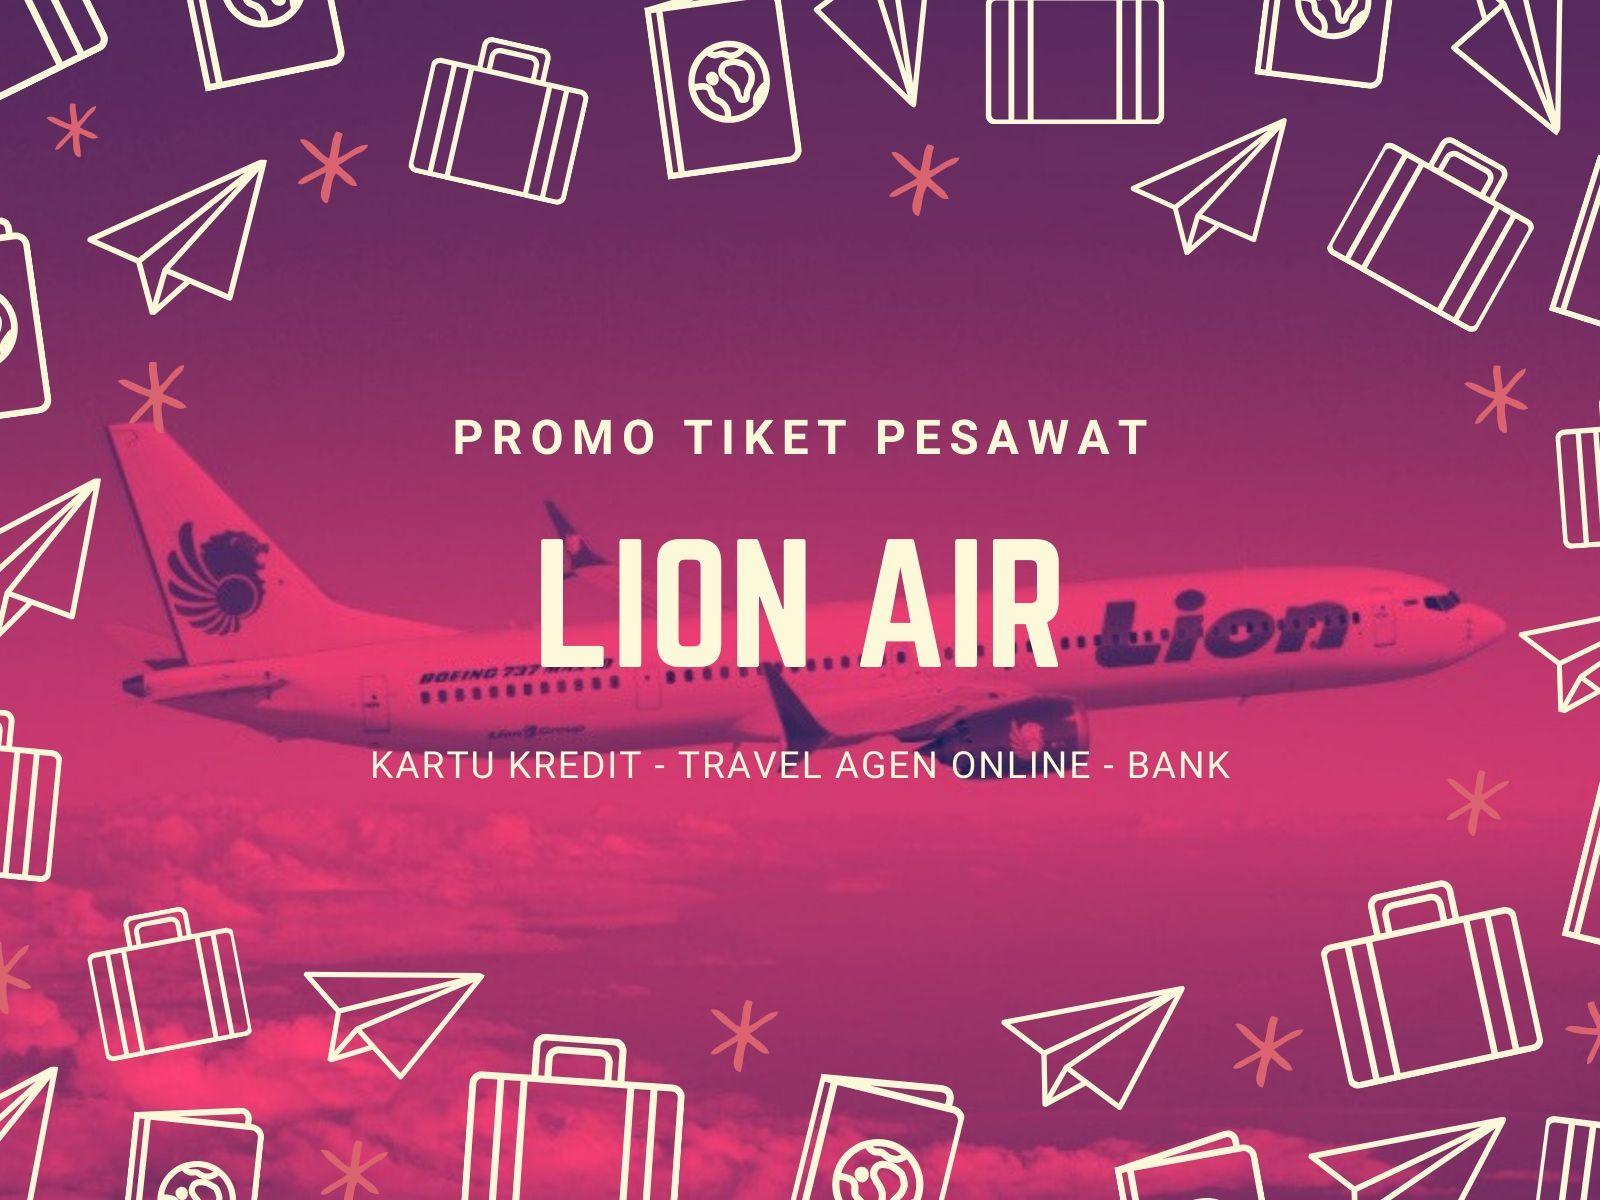 Promo Tiket Pesawat Lion Air Diskon Rp70 000 Travelspromo